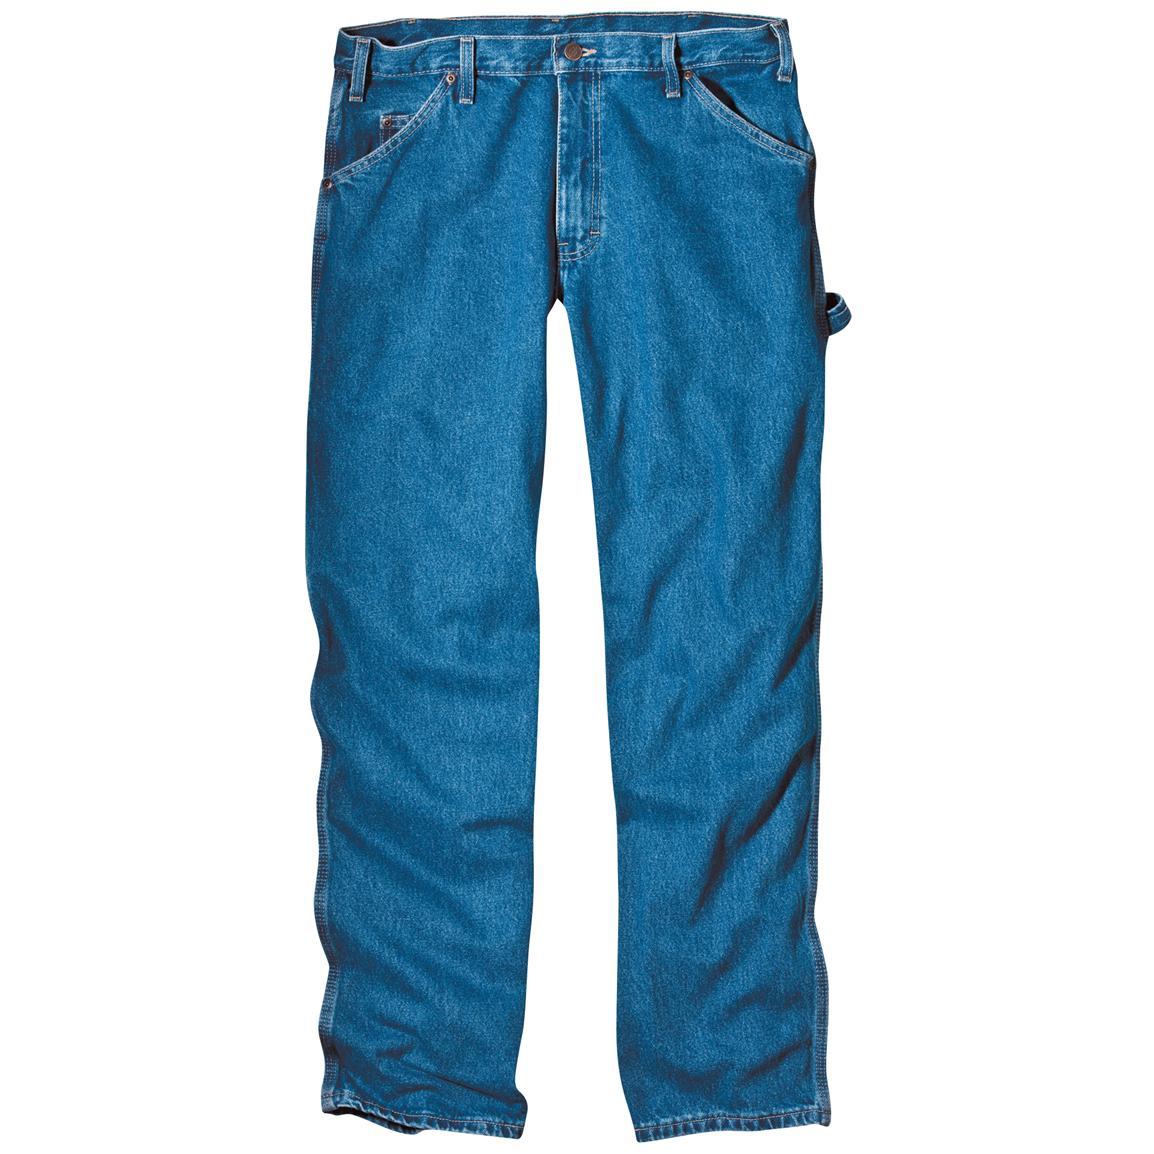 1154x1154 Blue Jeans Clip Art